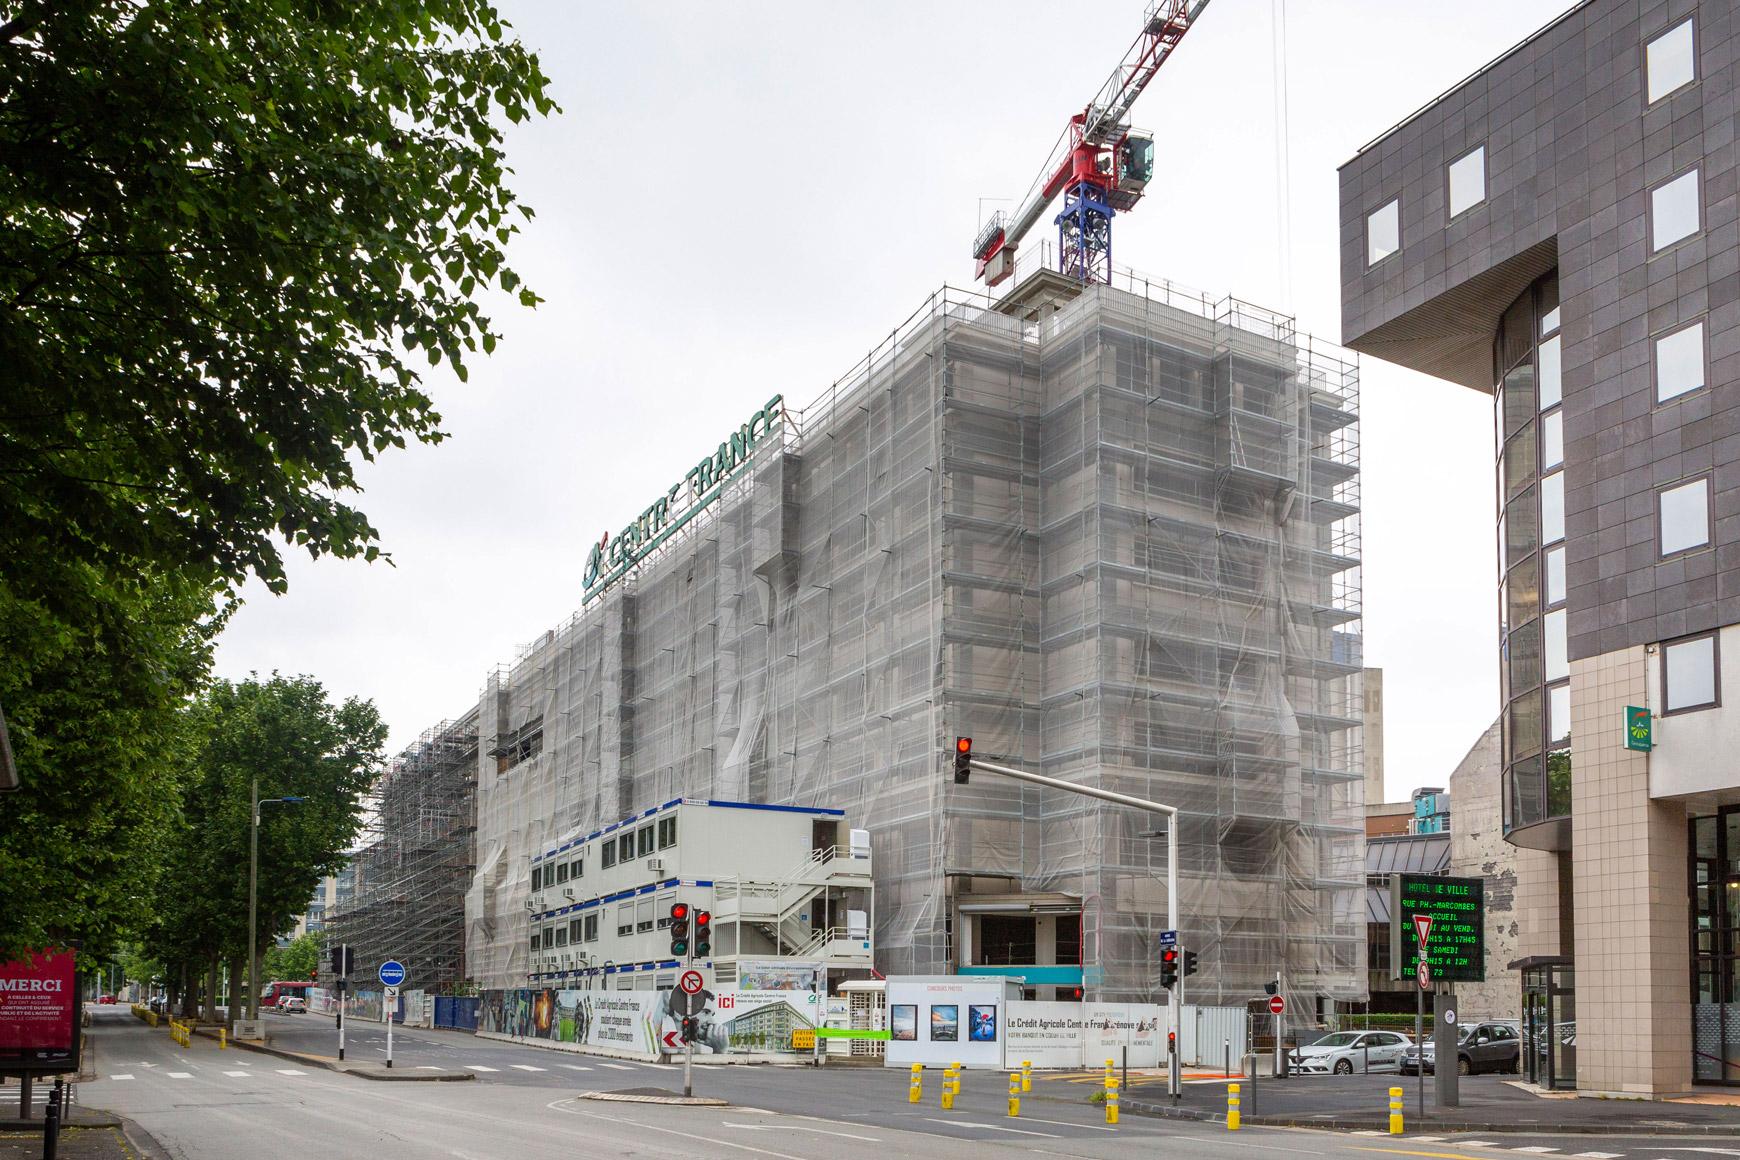 Réhabilitation lourde du siège sociale du Crédit Agricole Centre France à Clermont-Ferrand, labélisé BREEAM EXCELLENT, réalisé par le pôle Tertiaire de l'agence d'architecture SOHO ATLAS IN FINE LYON. Photo de chantier, préparation de la reprise de la façade.